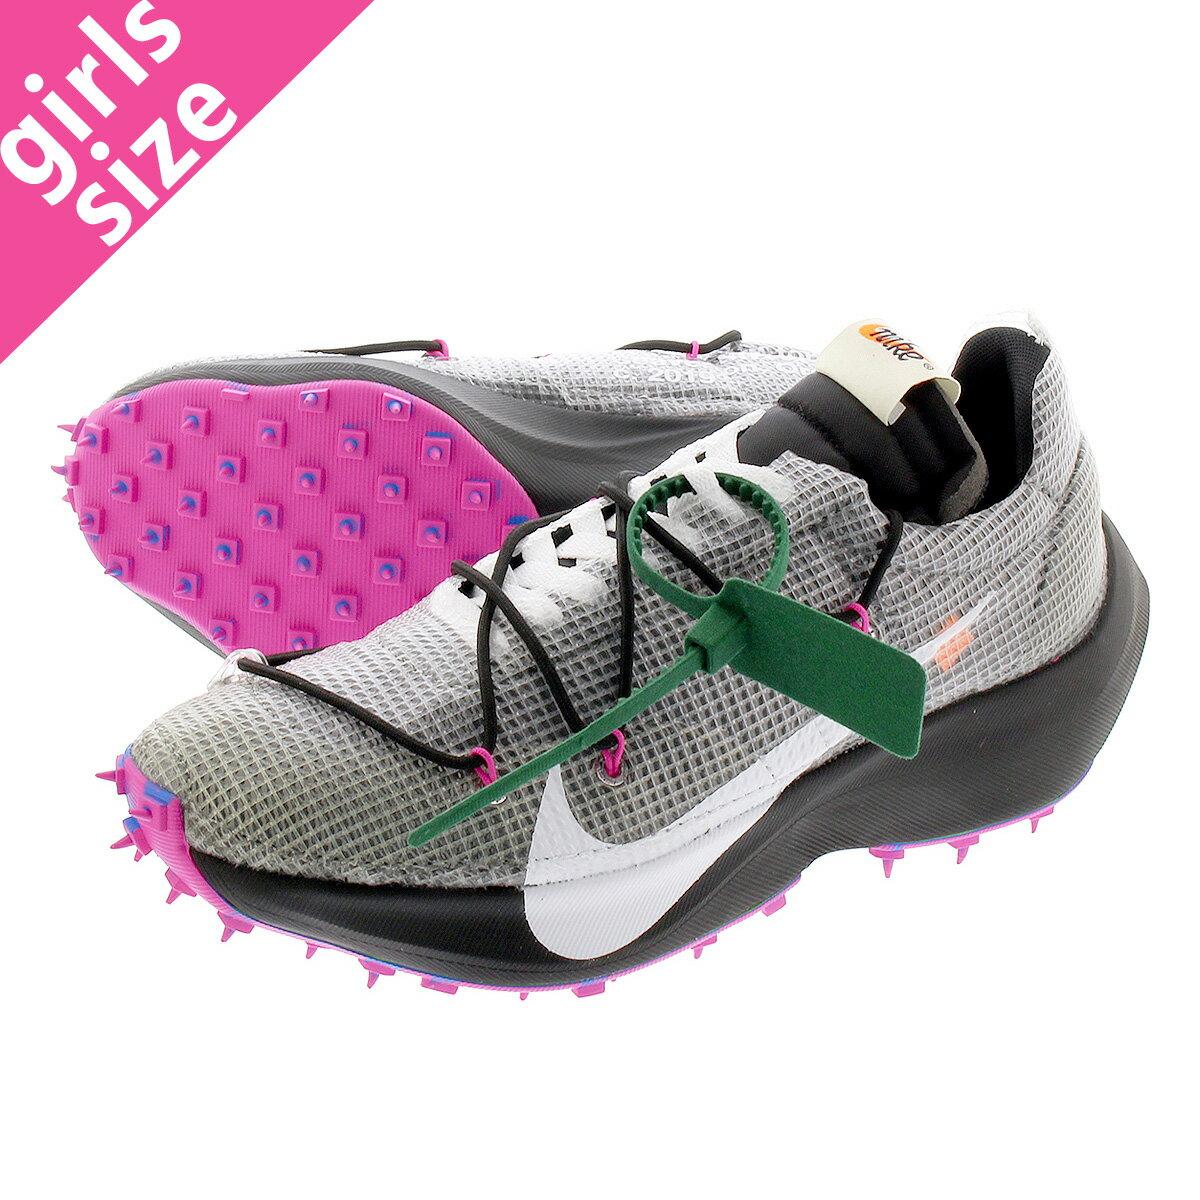 レディース靴, スニーカー  NIKE WMNS VAPOR STREET OFF-WHITE BLACKWHITEBLACKLASER FUCHSIA cd8178-001